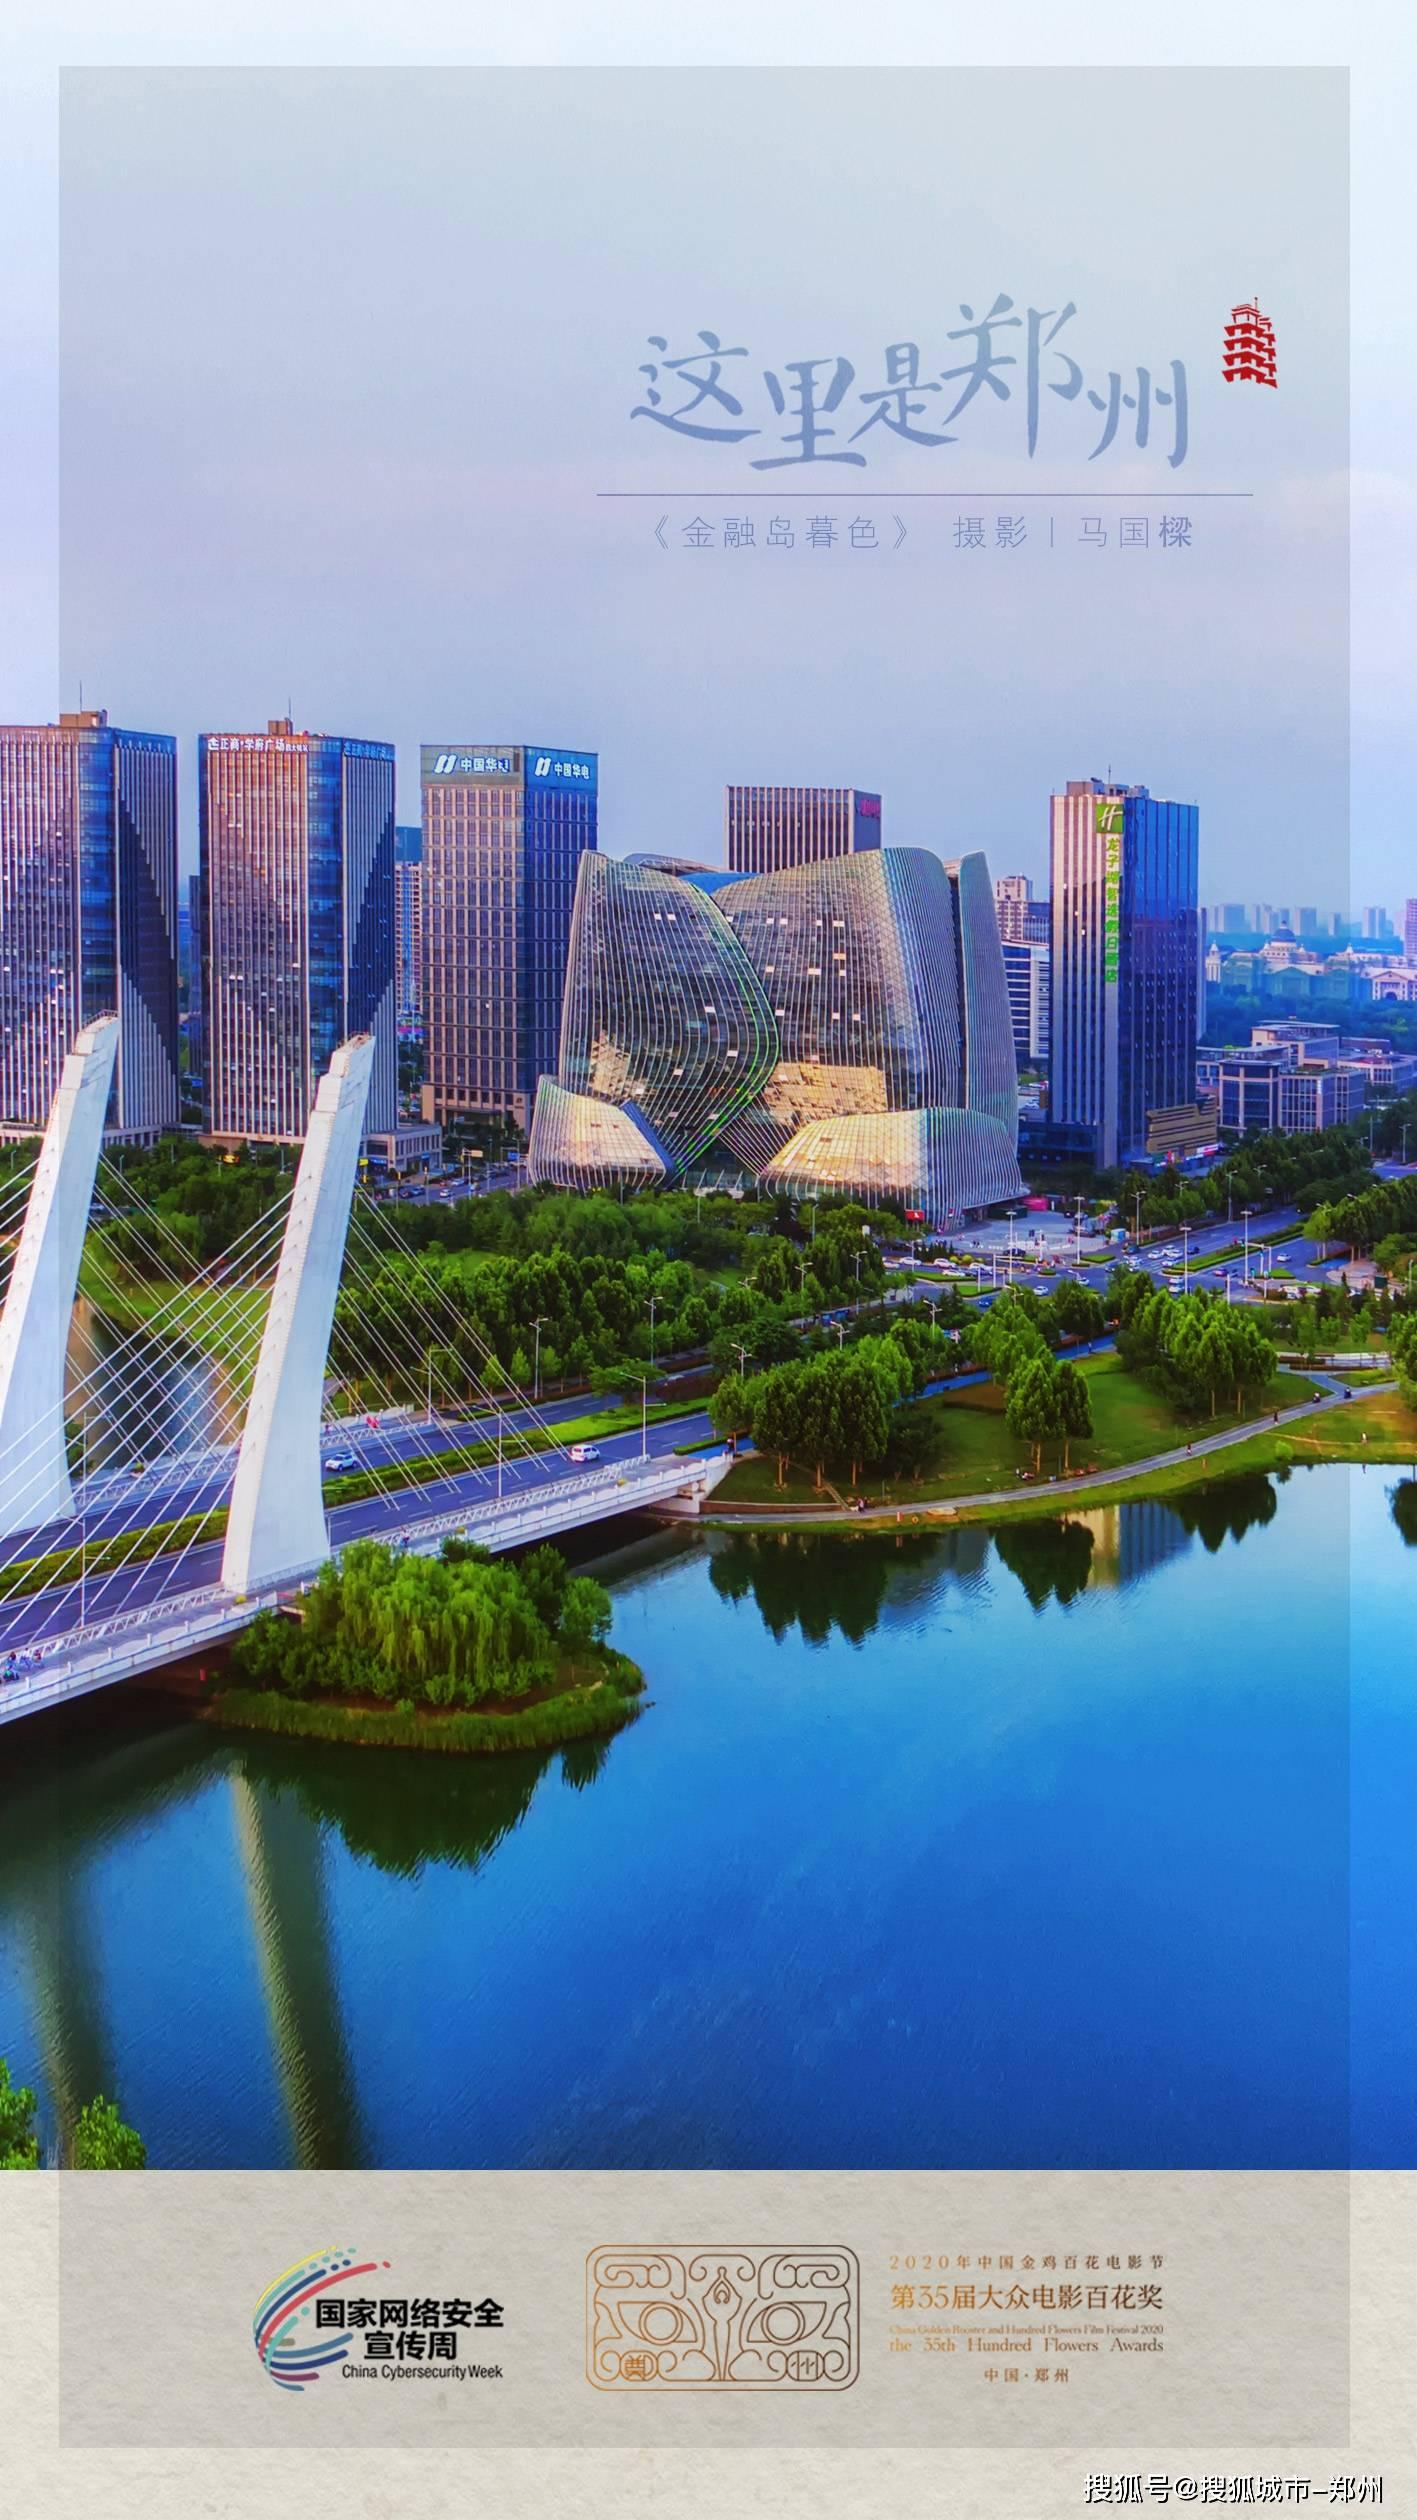 市民镜头中的郑州之美打动人心,九张海报来了!